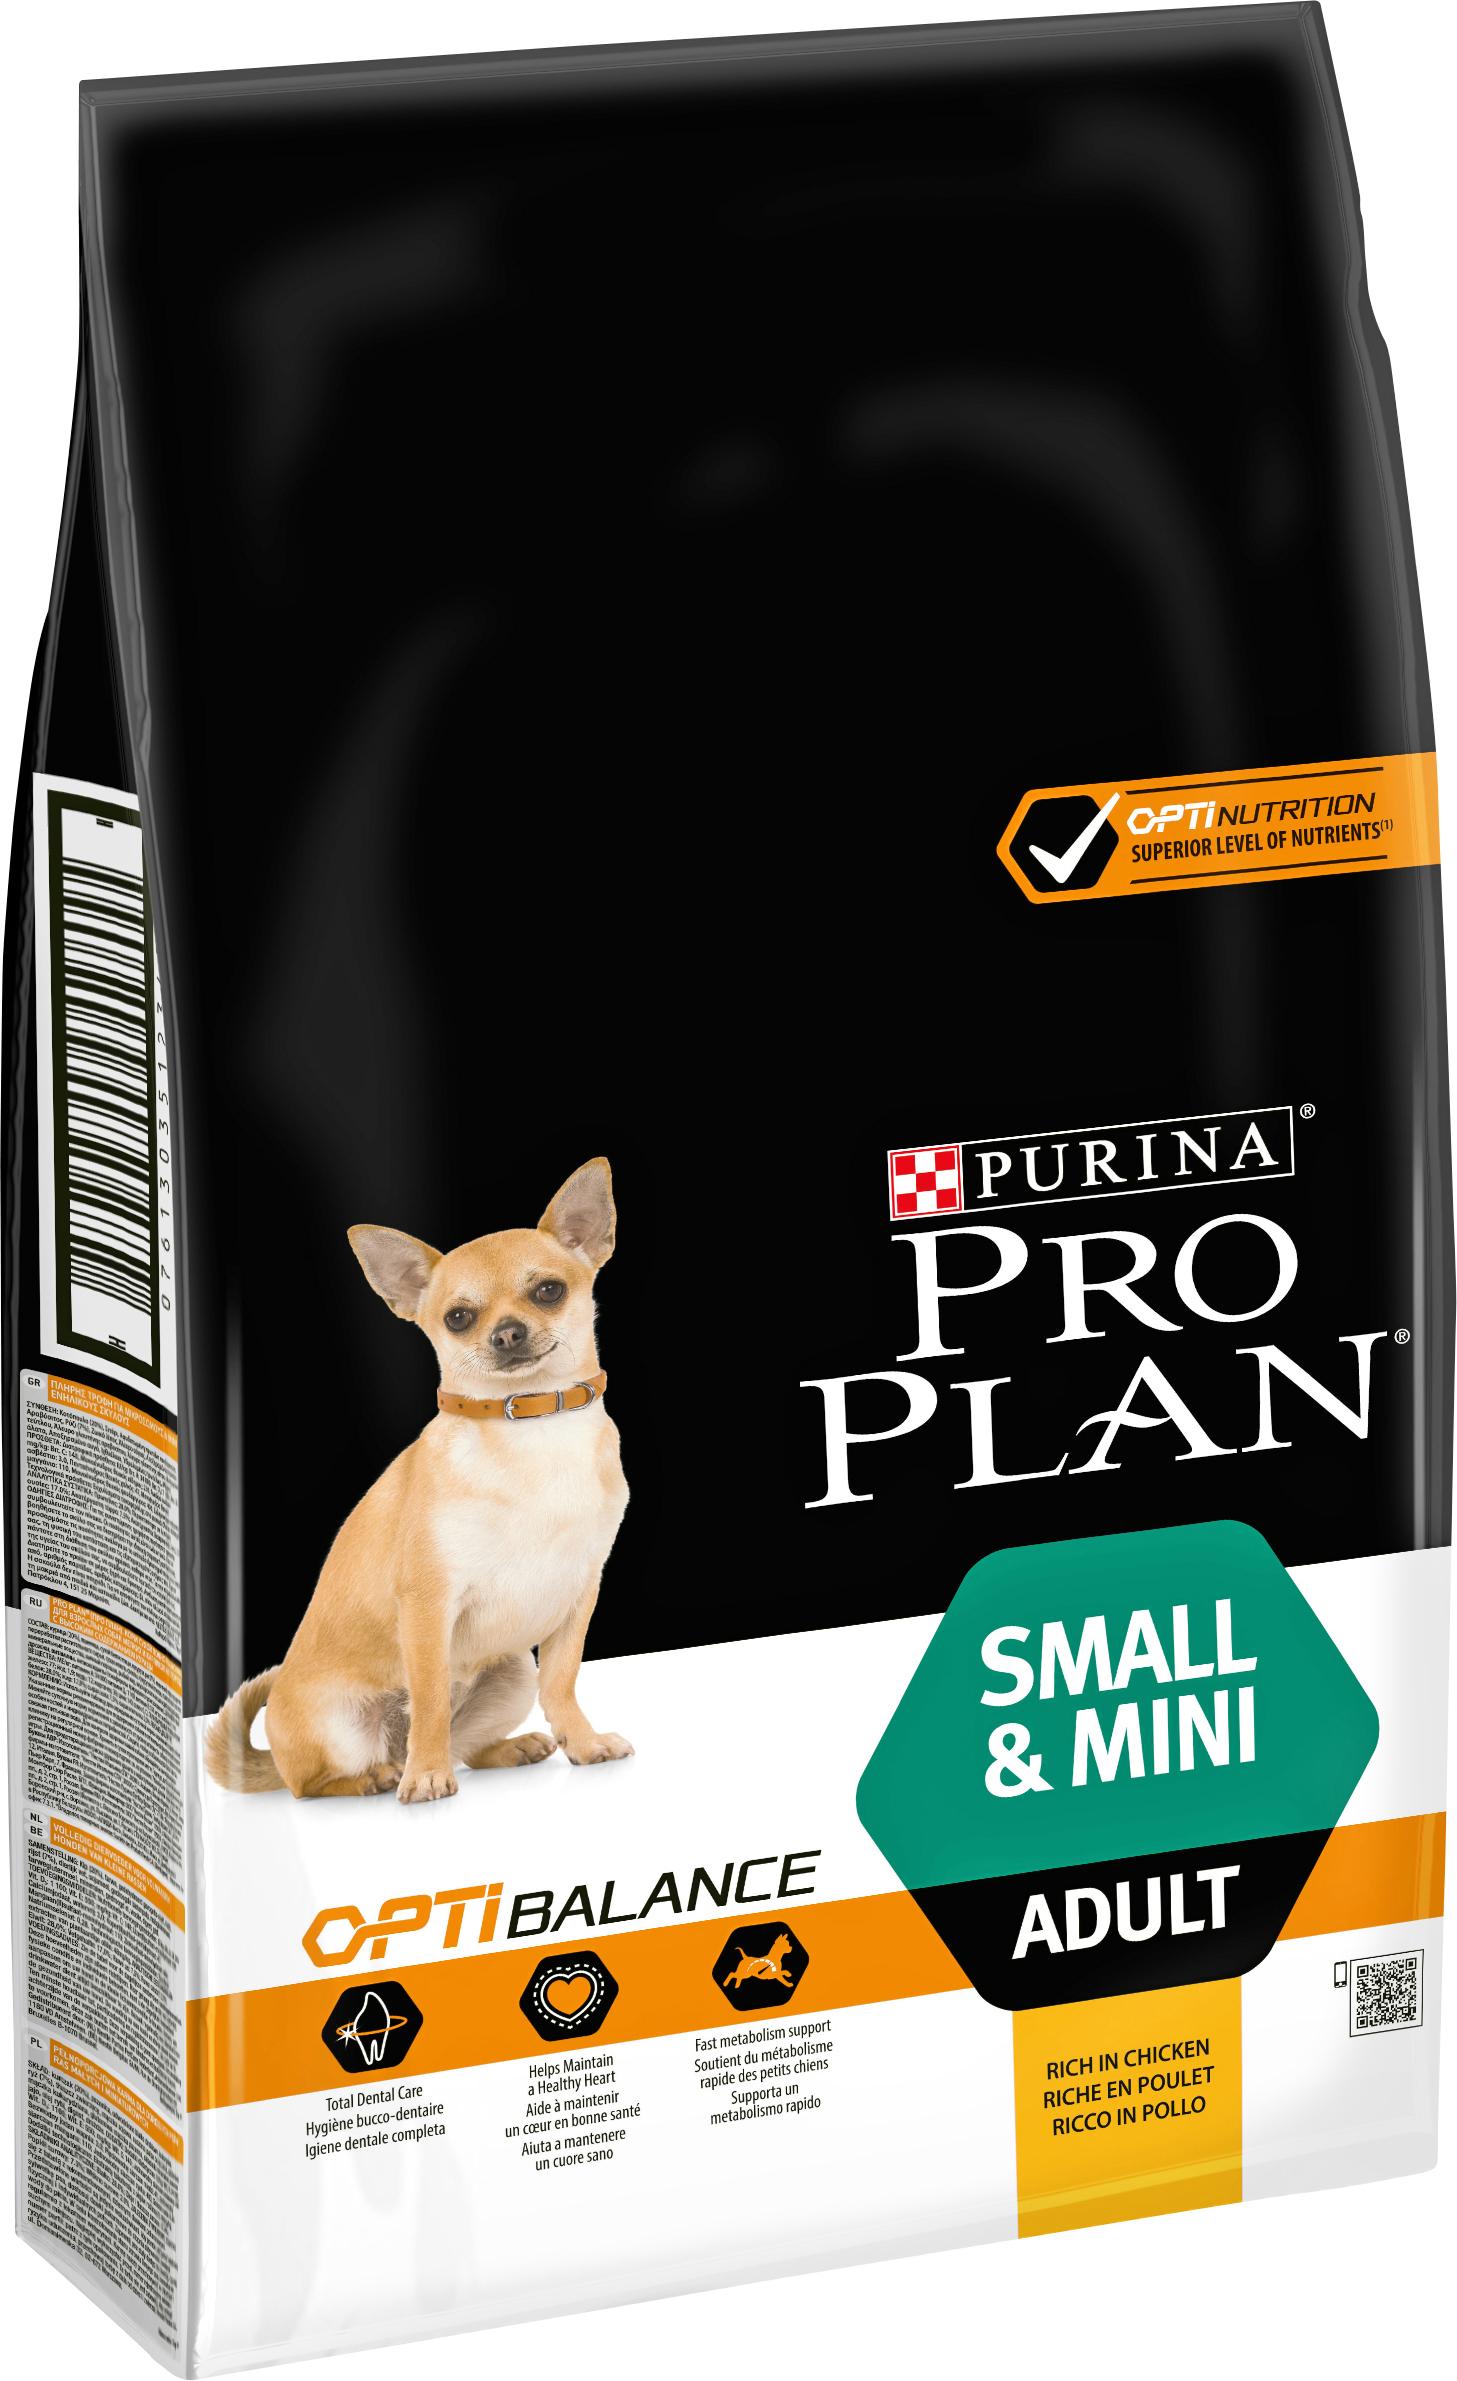 Hundfoder Pro Plan Small & Mini Adult, 7 kg